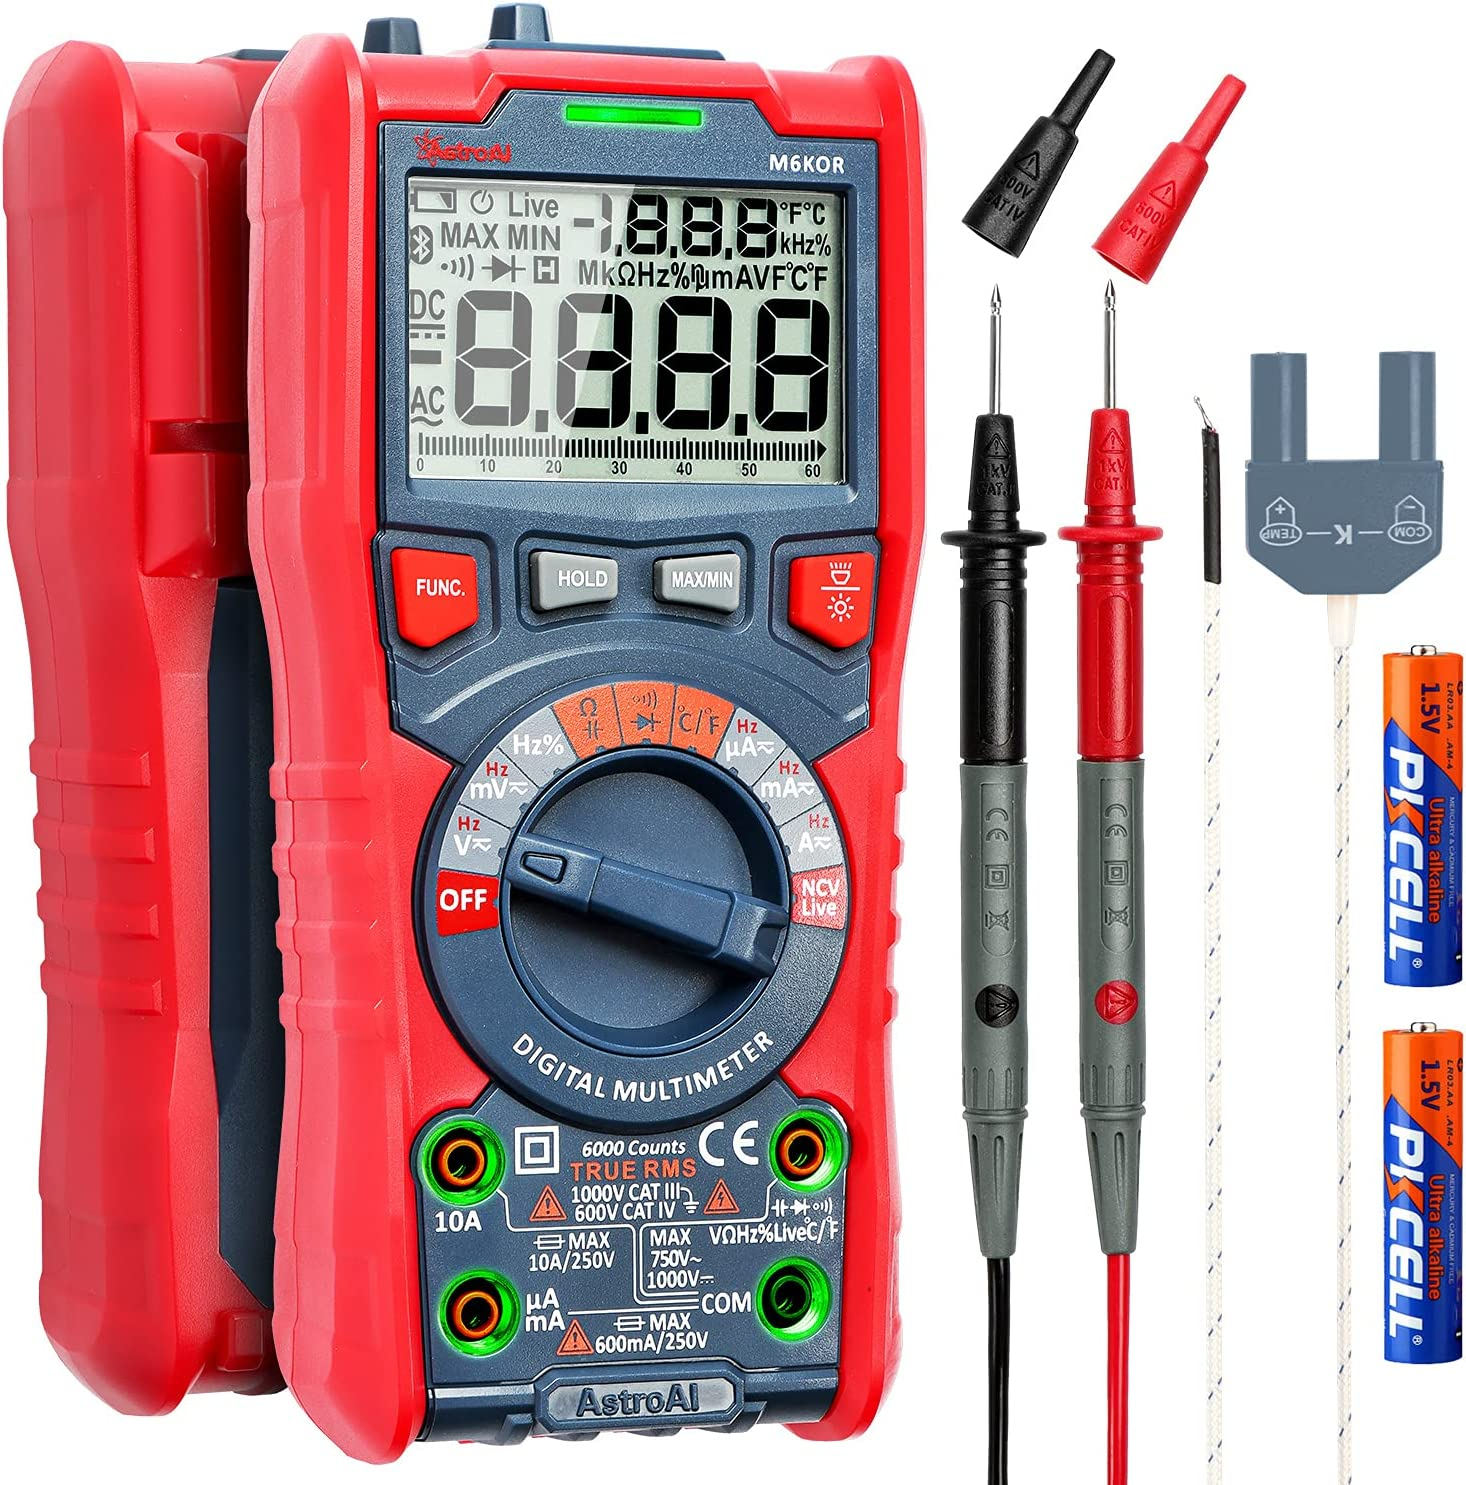 AstroAI Digital Multimeter, TRMS 6000